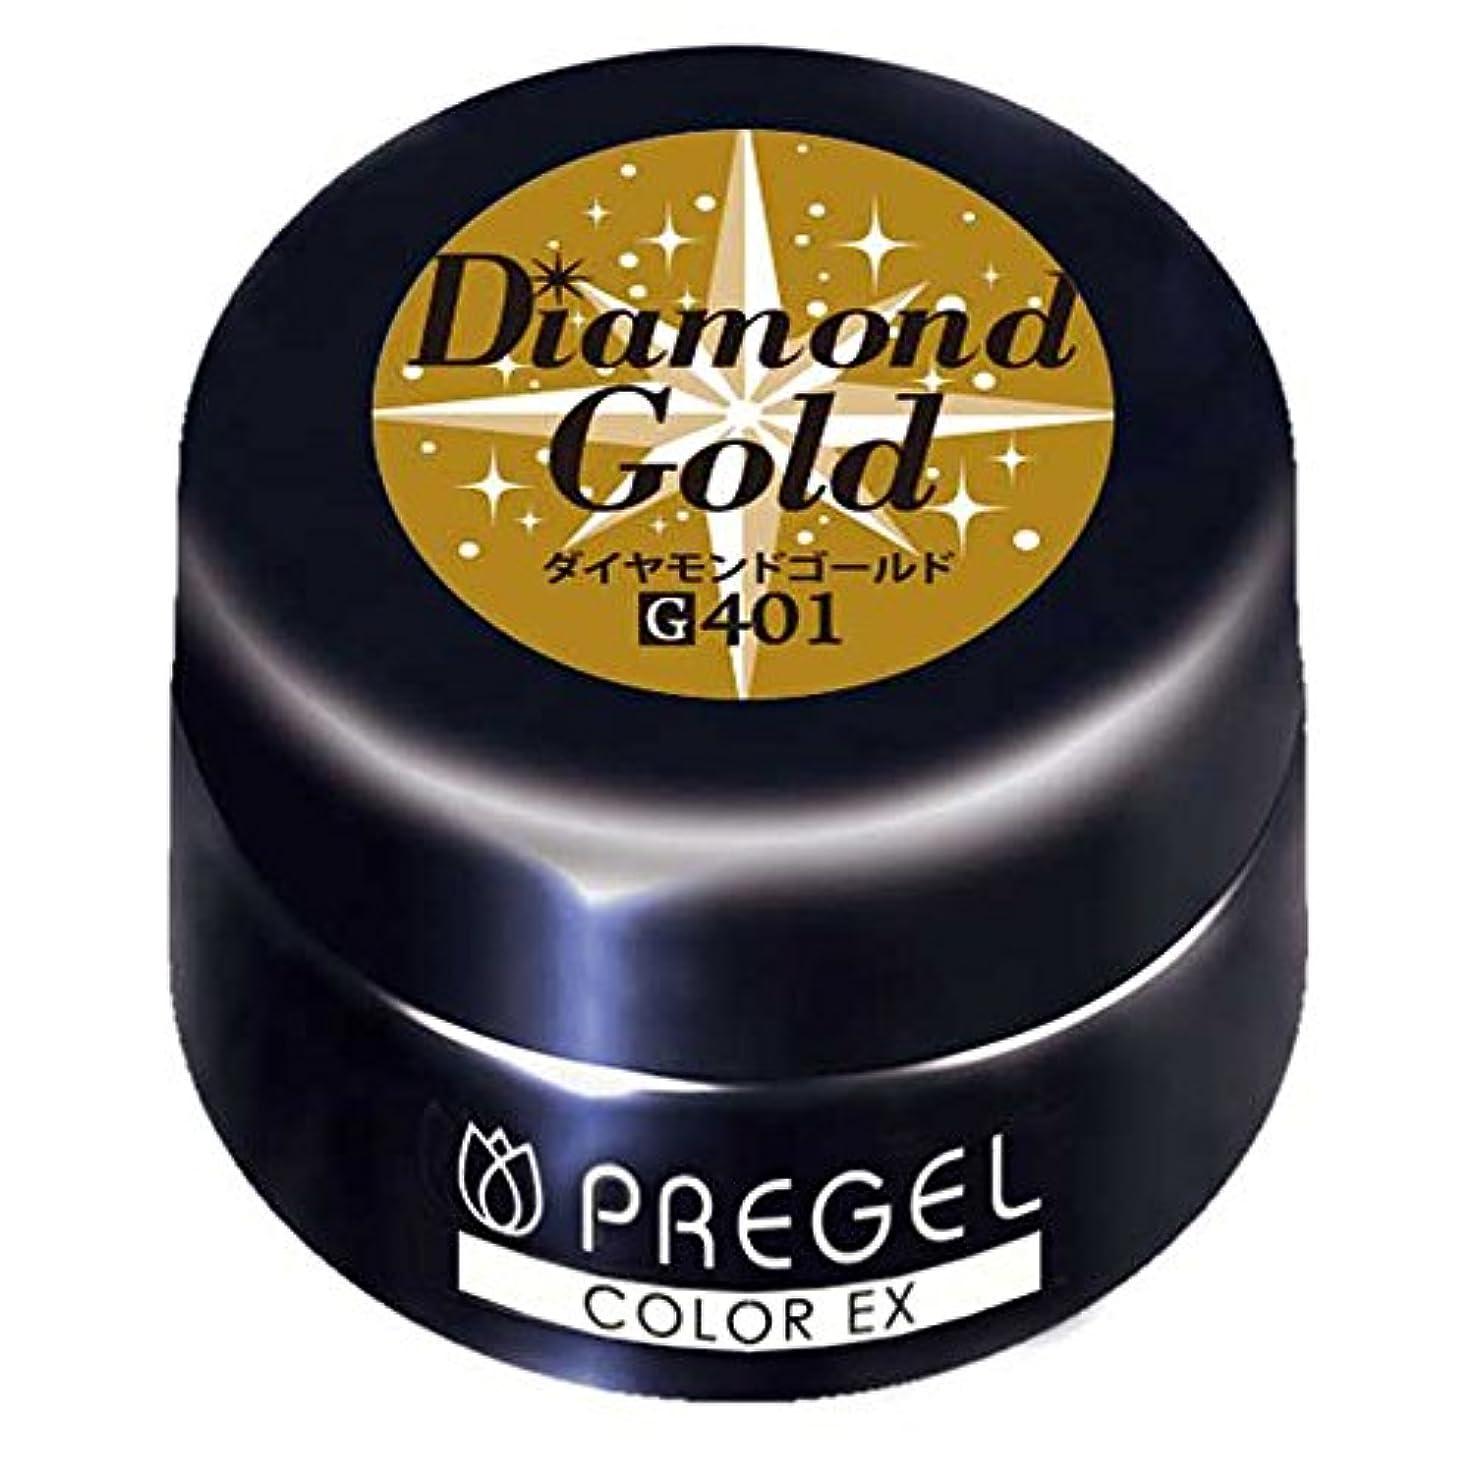 心理学発揮する熱心PRE GEL カラーEX ダイヤモンドゴールドCE401 UV/LED対応 カラージェル